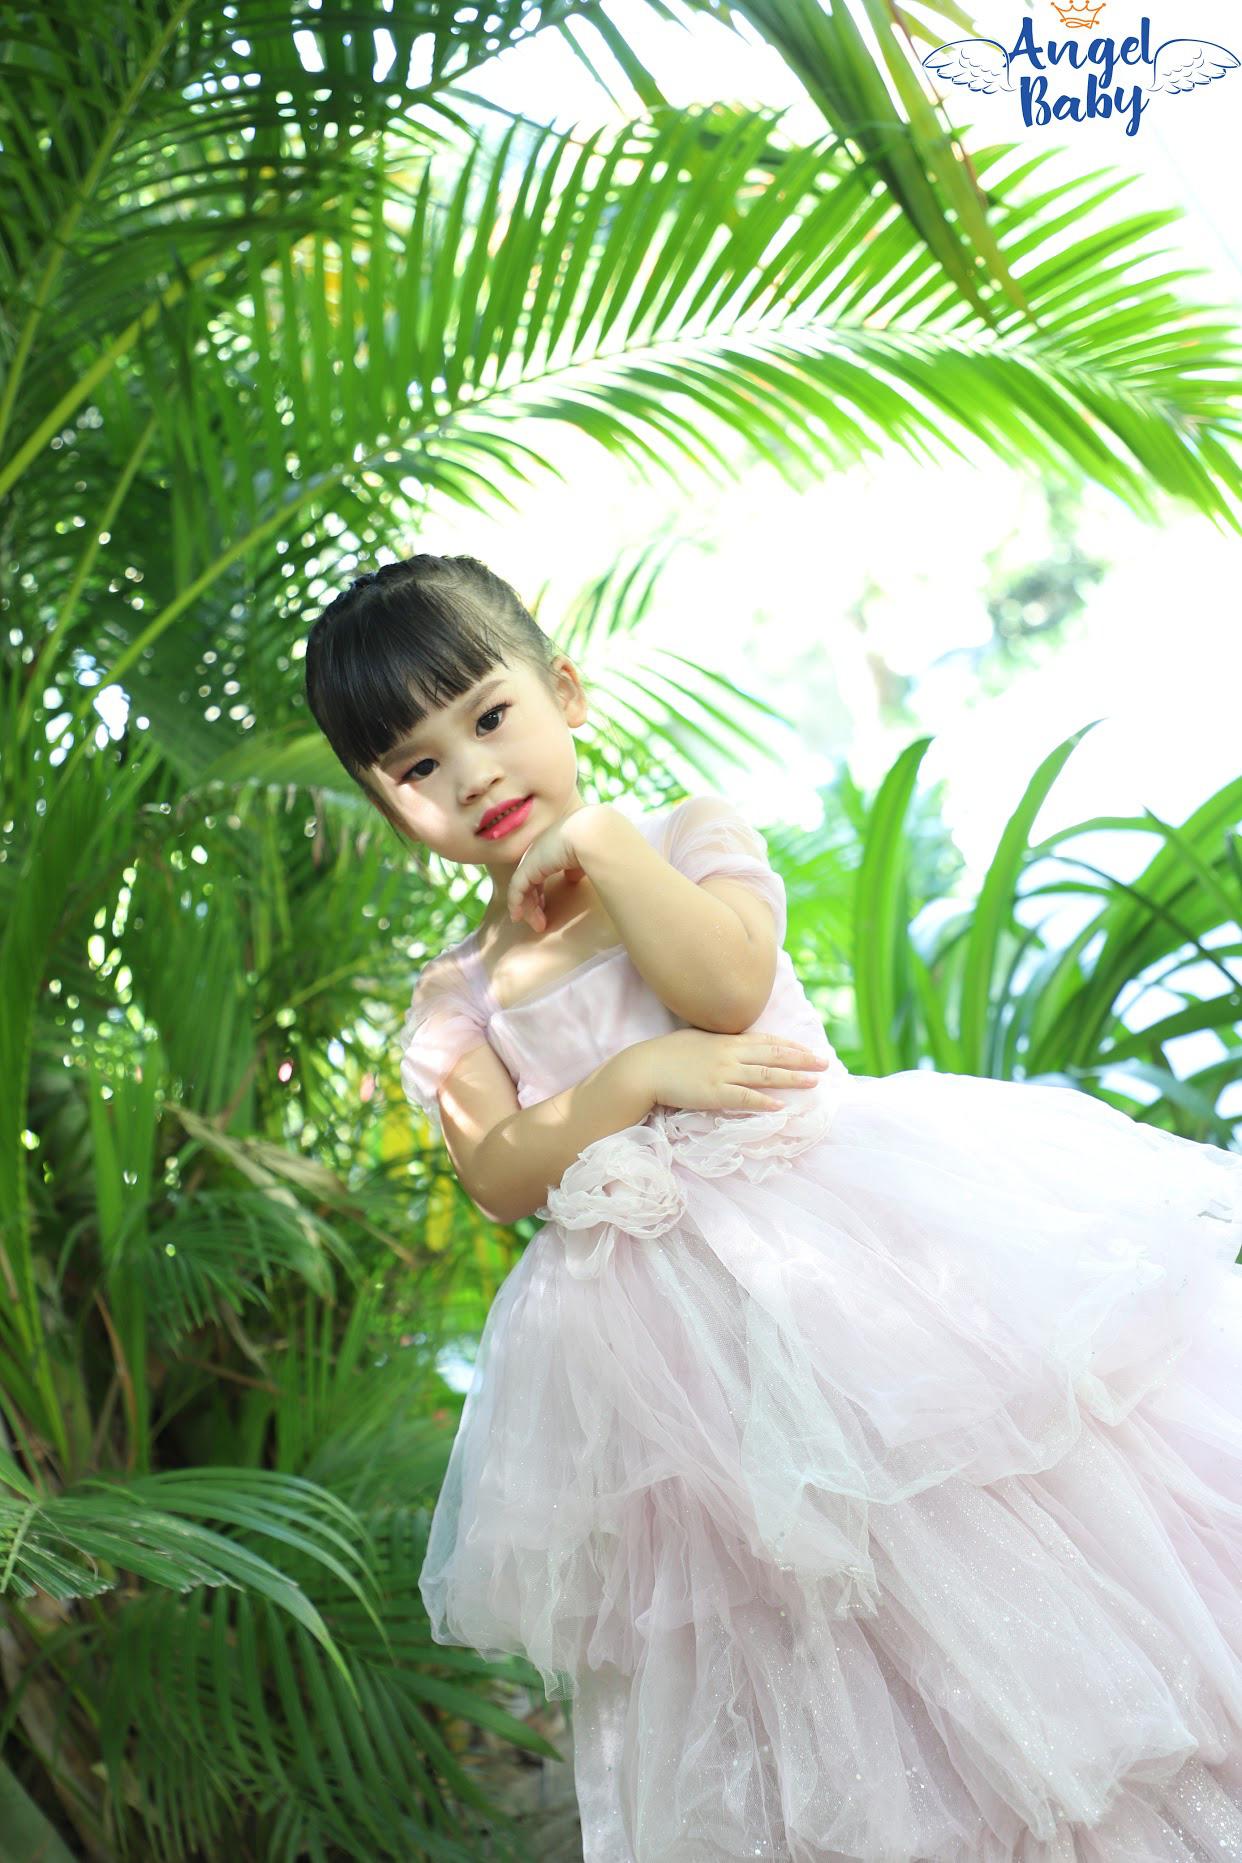 Những tiểu công chúa có niềm đam mê mãnh liệt với nghệ thuật - Ảnh 7.